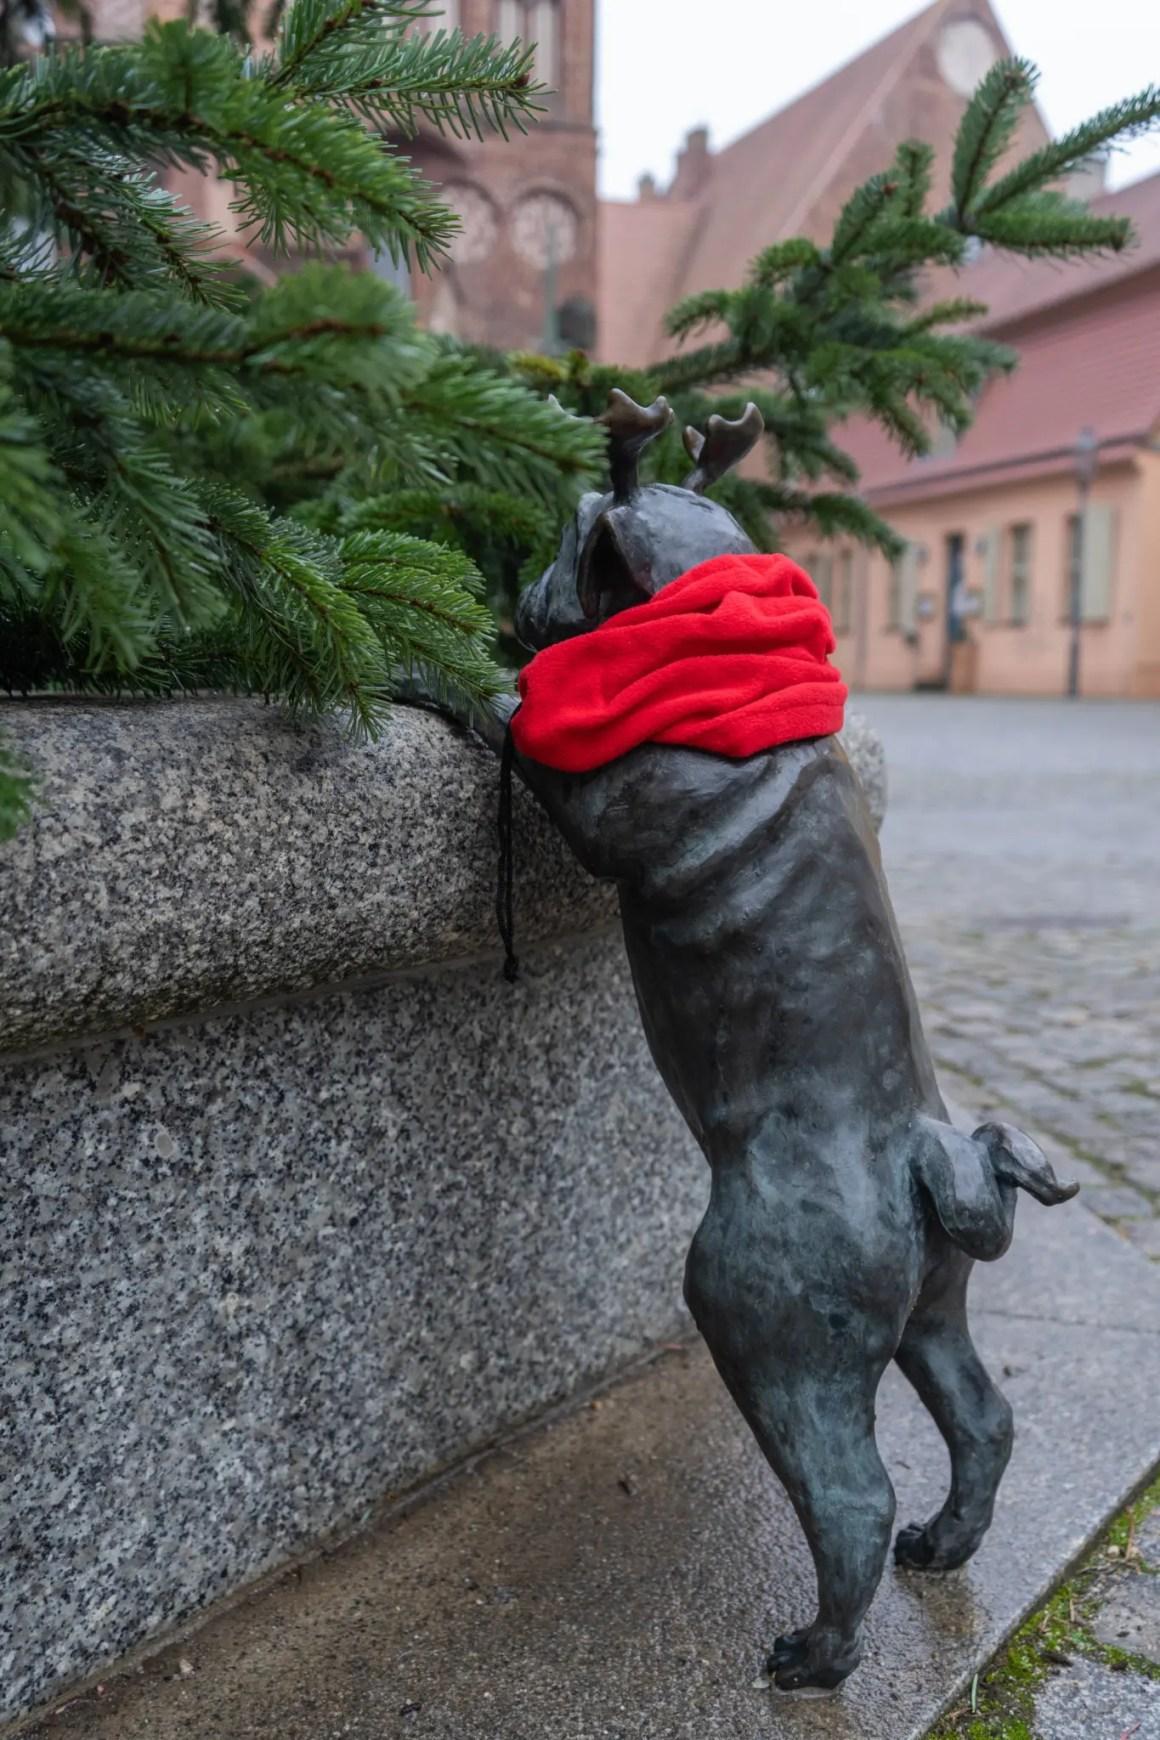 Bosmopsen in Brandenburg an der Havel